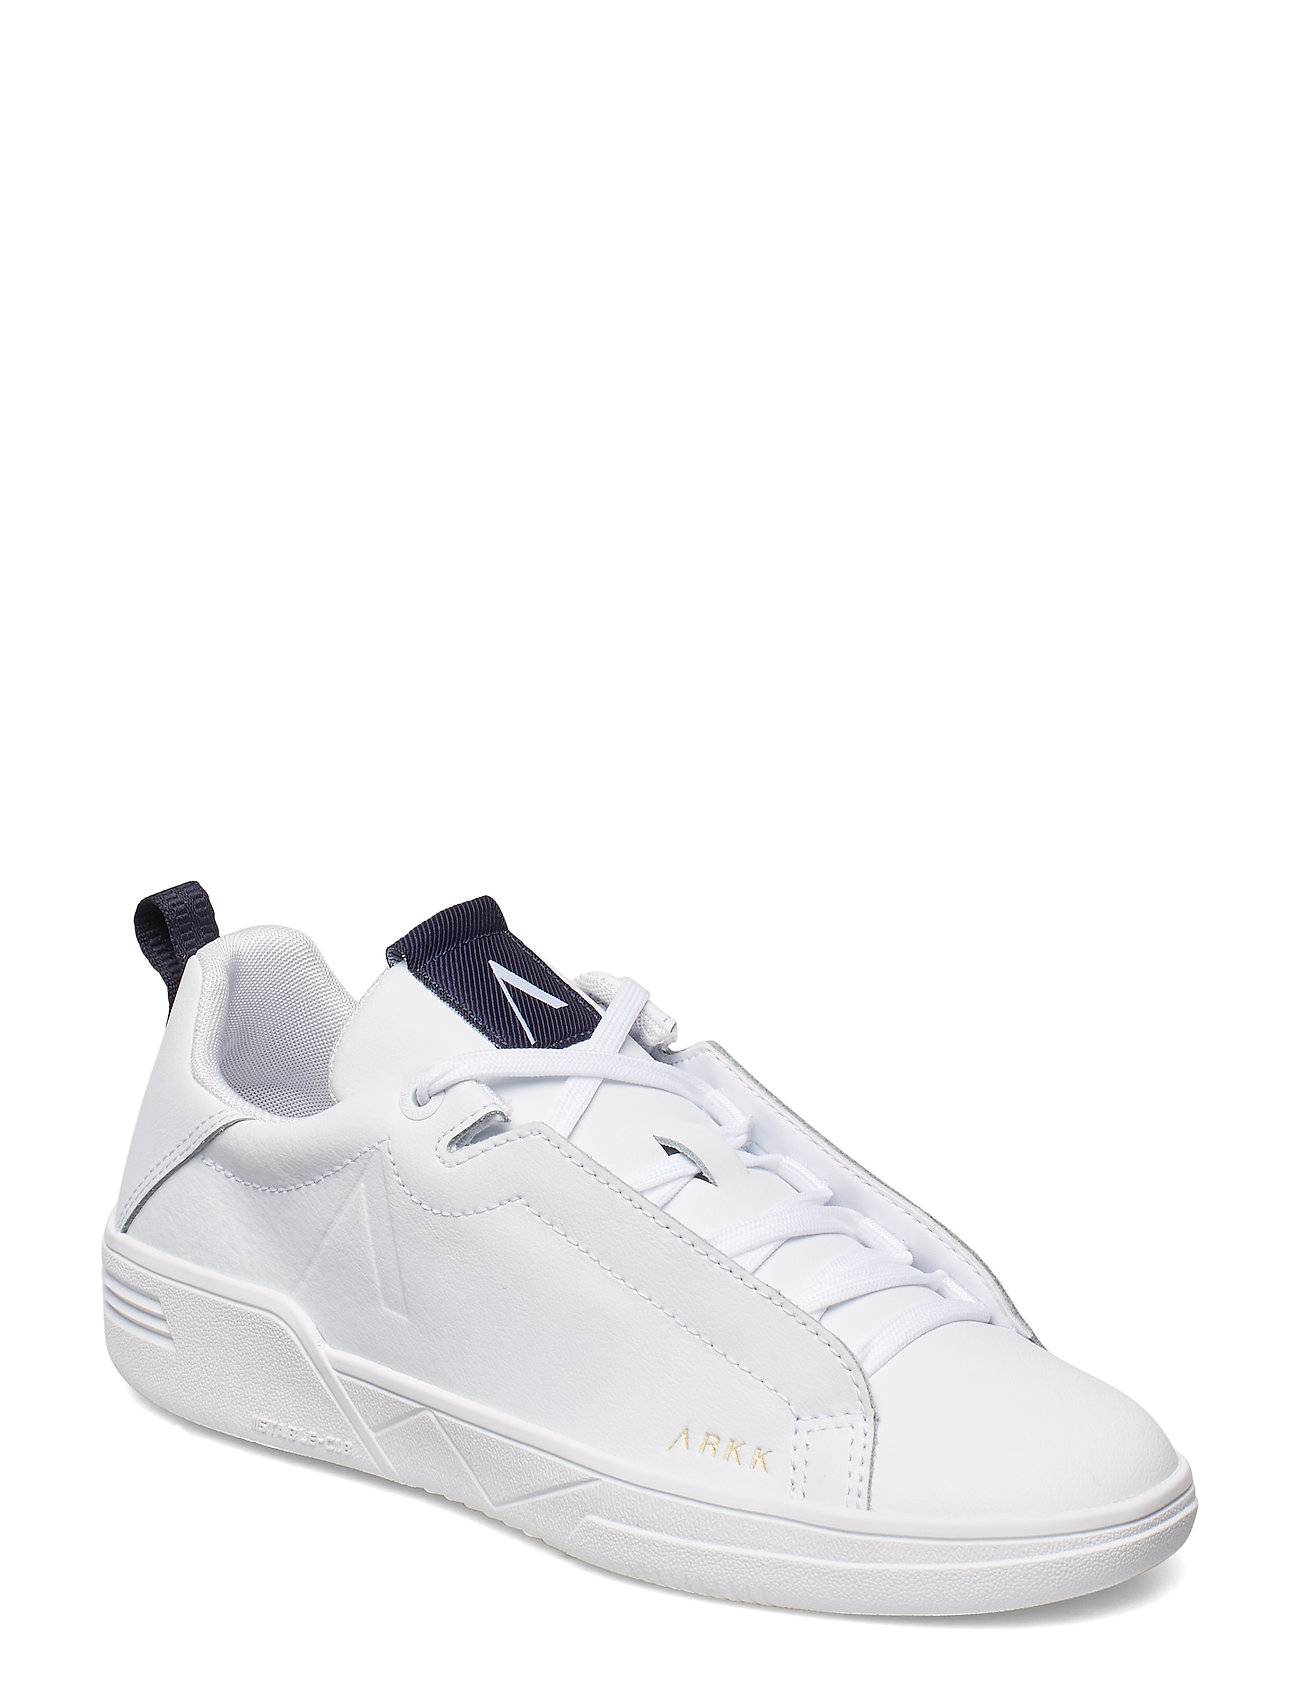 ARKK Copenhagen Uniklass Leather S-C18 White Midnig Matalavartiset Sneakerit Tennarit Valkoinen ARKK Copenhagen